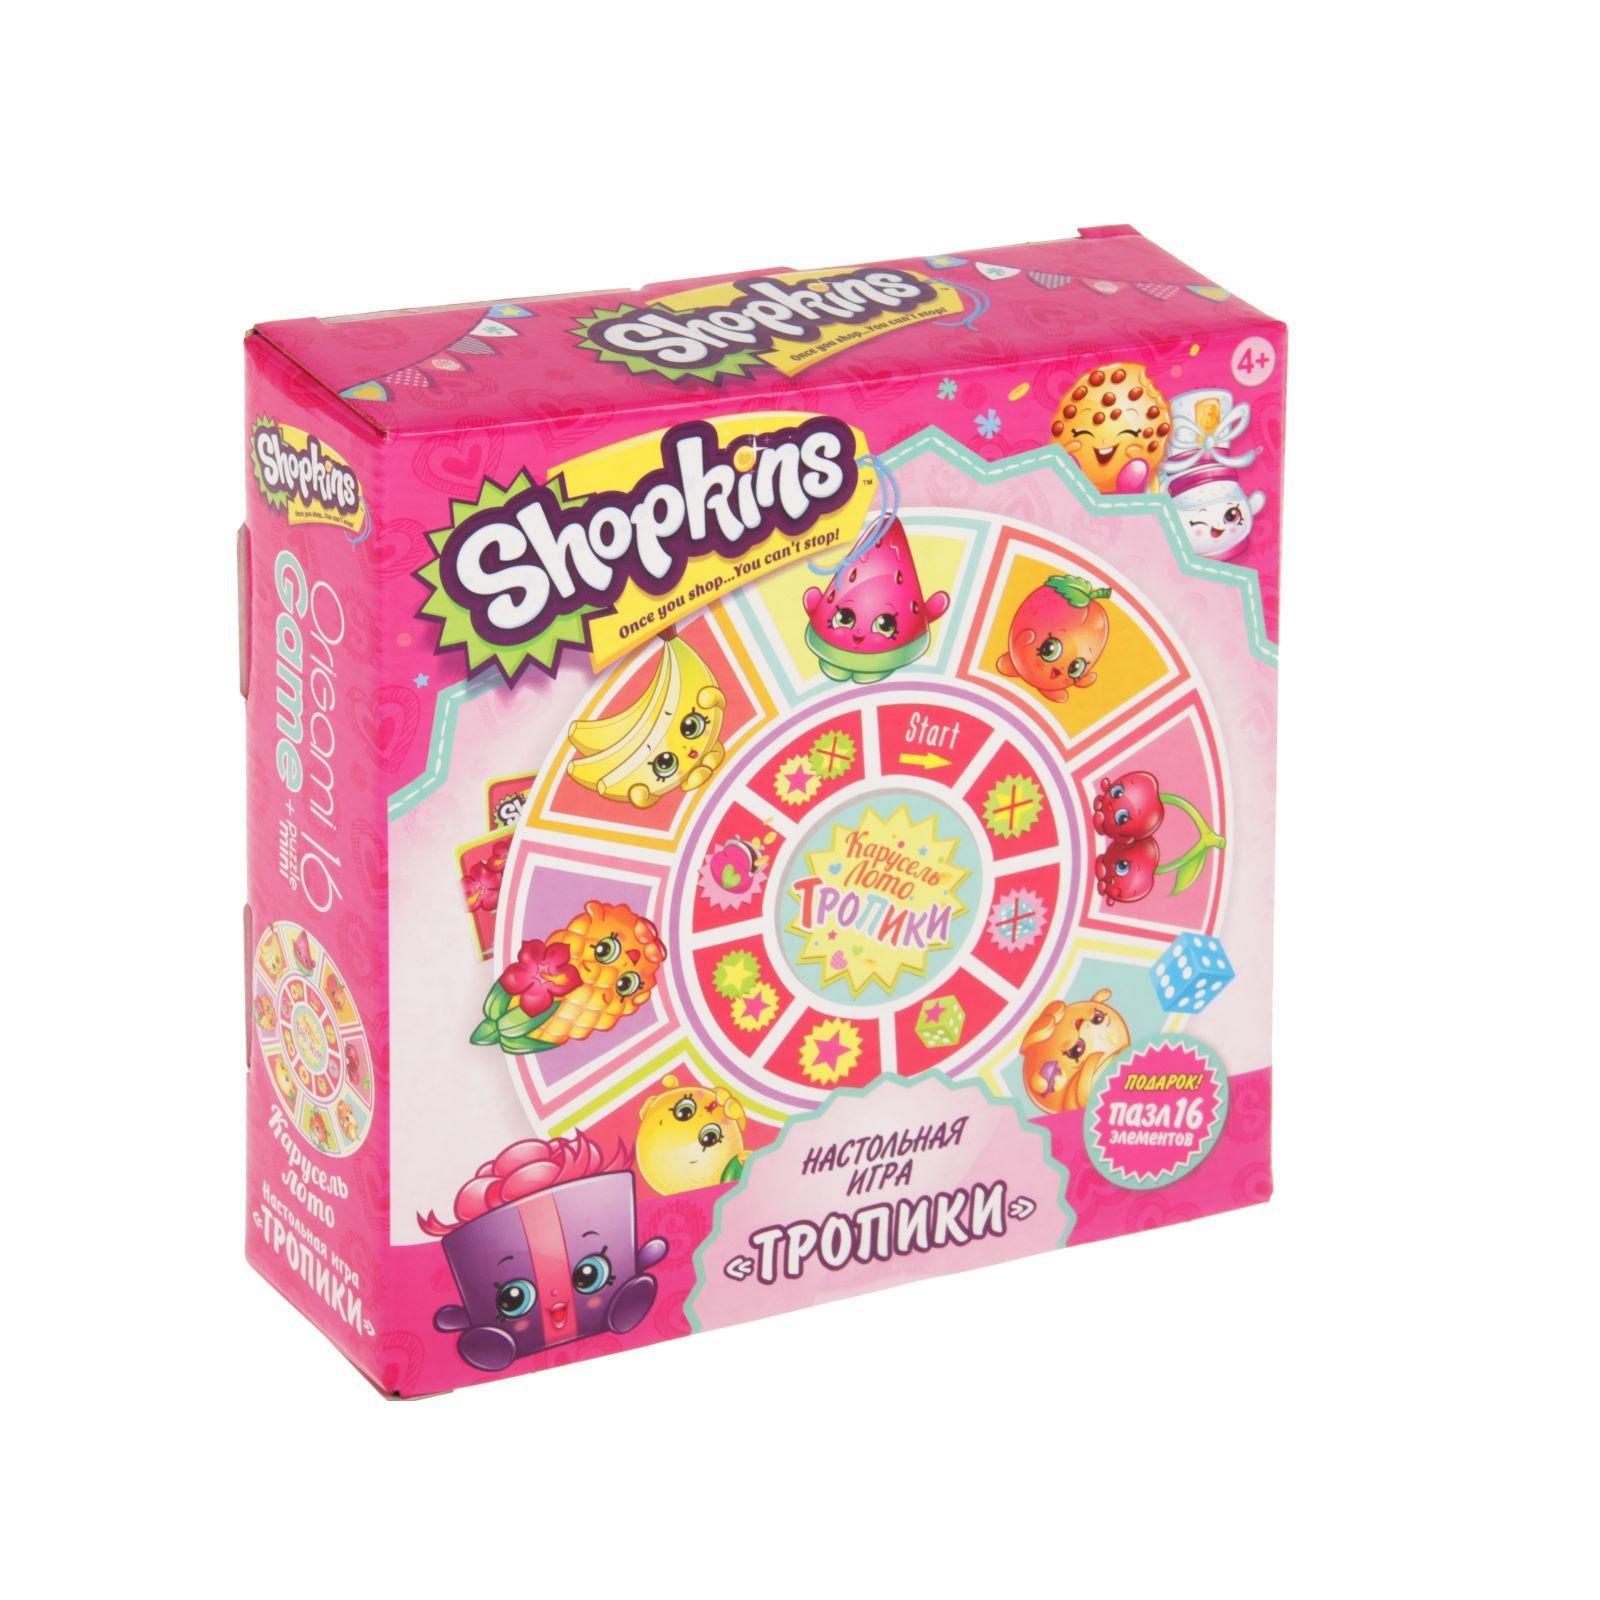 Игра настольная Shopkins - Карусель-лото – Тропики, пазл 16 элементовРазвивающие<br>Игра настольная Shopkins - Карусель-лото – Тропики, пазл 16 элементов<br>